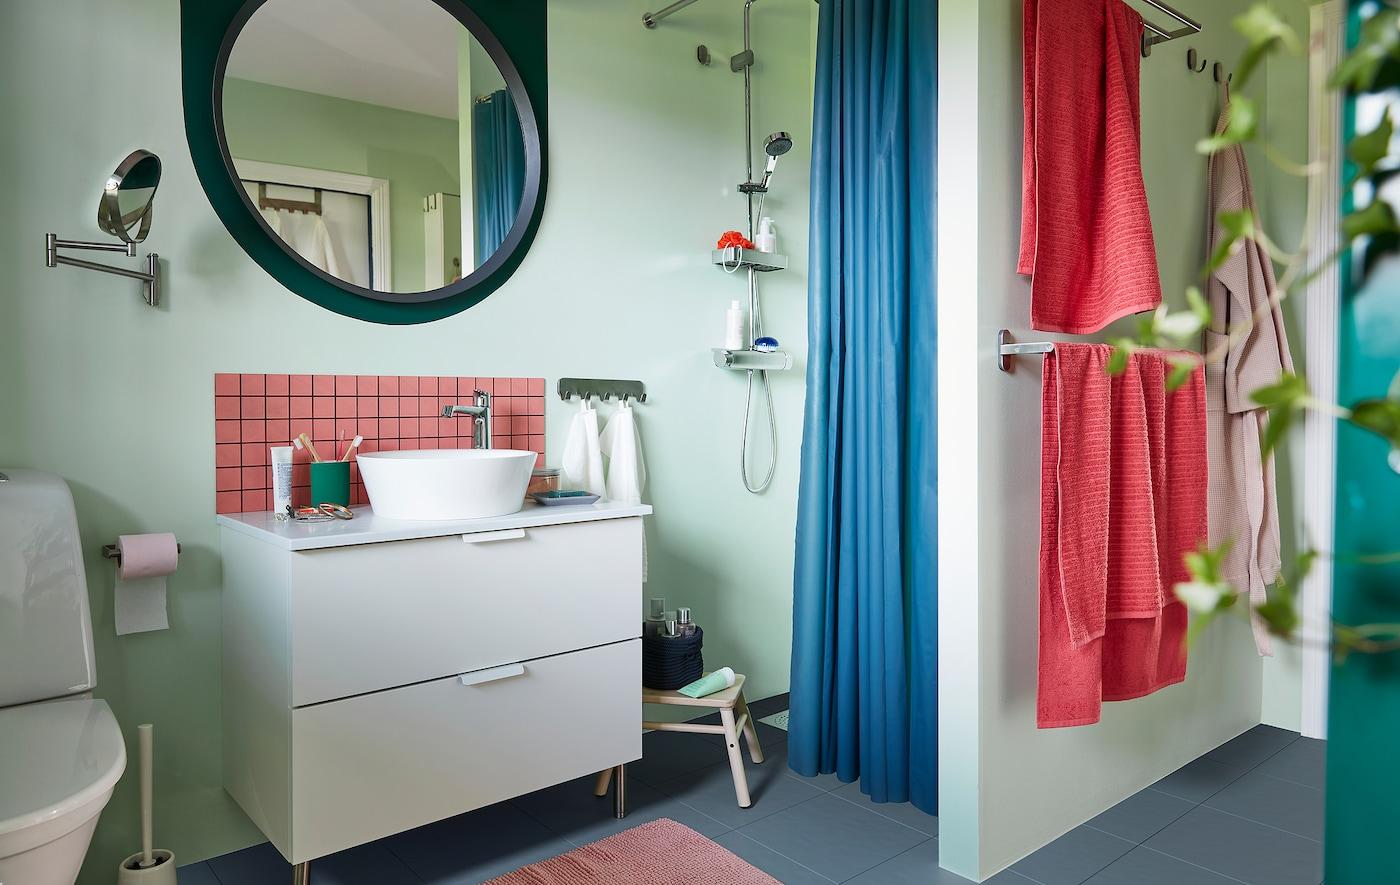 柔らかなパステルカラーを基調とした、整然としたバスルームインテリア。洗面台、シャワー、タオル掛け、ミラー、植物、アクセサリーを備えています。